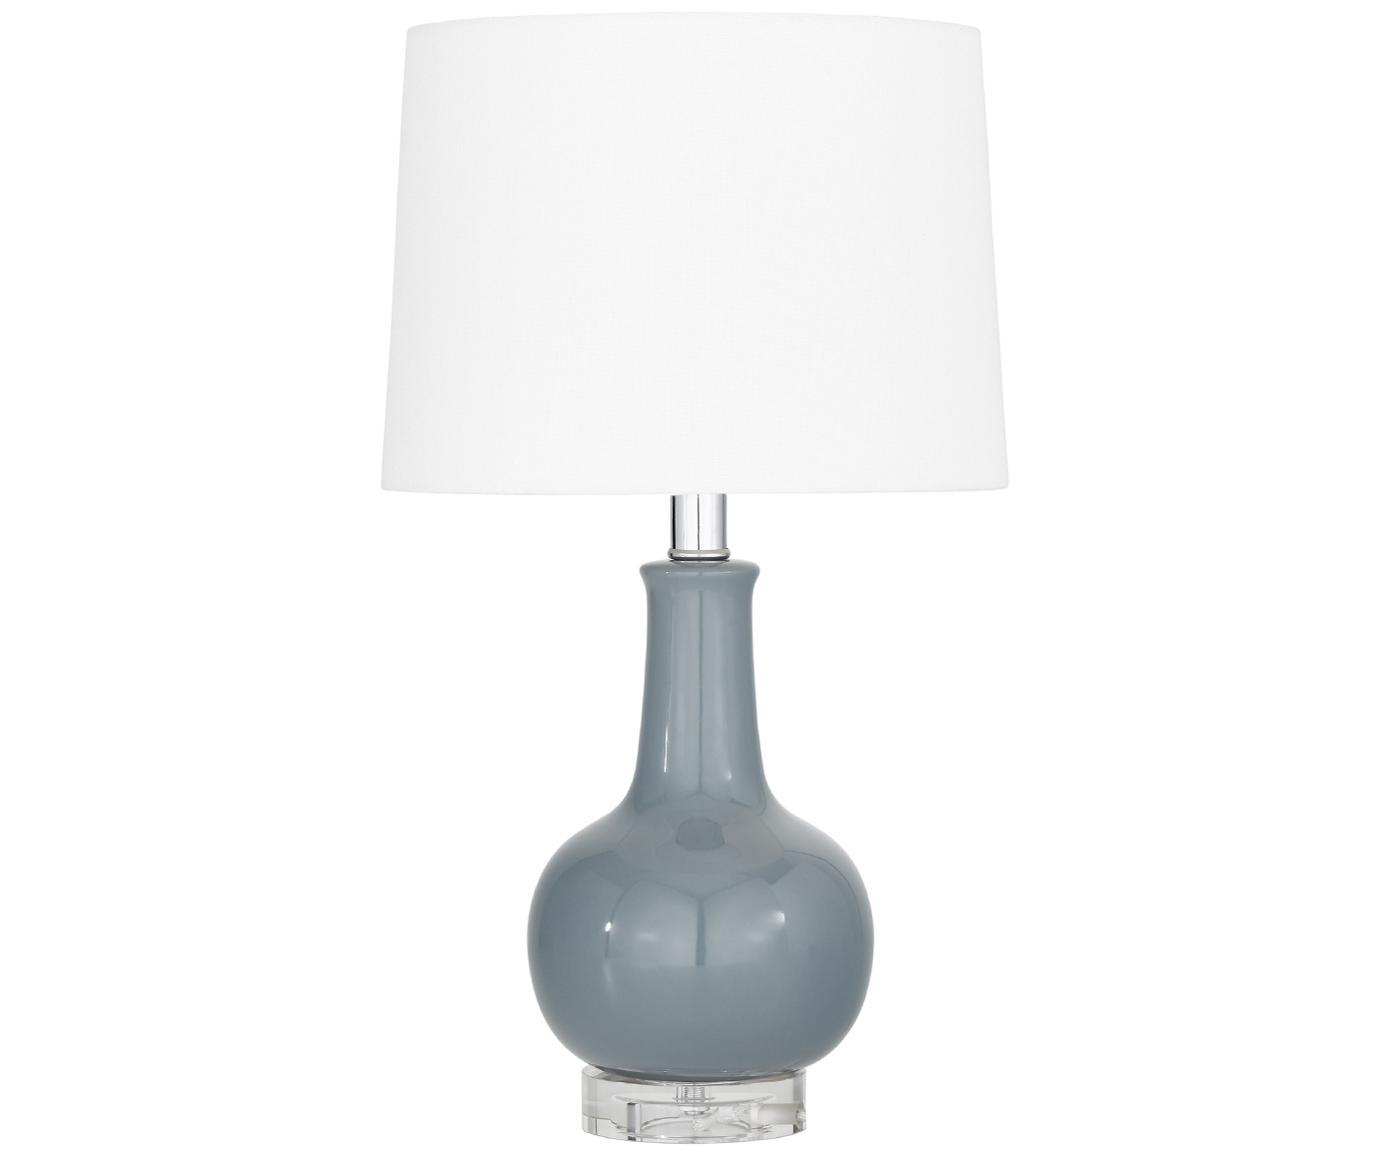 Lampa stołowa z ceramiki Brittany, Biały, szary, Ø 28 x W 48 cm